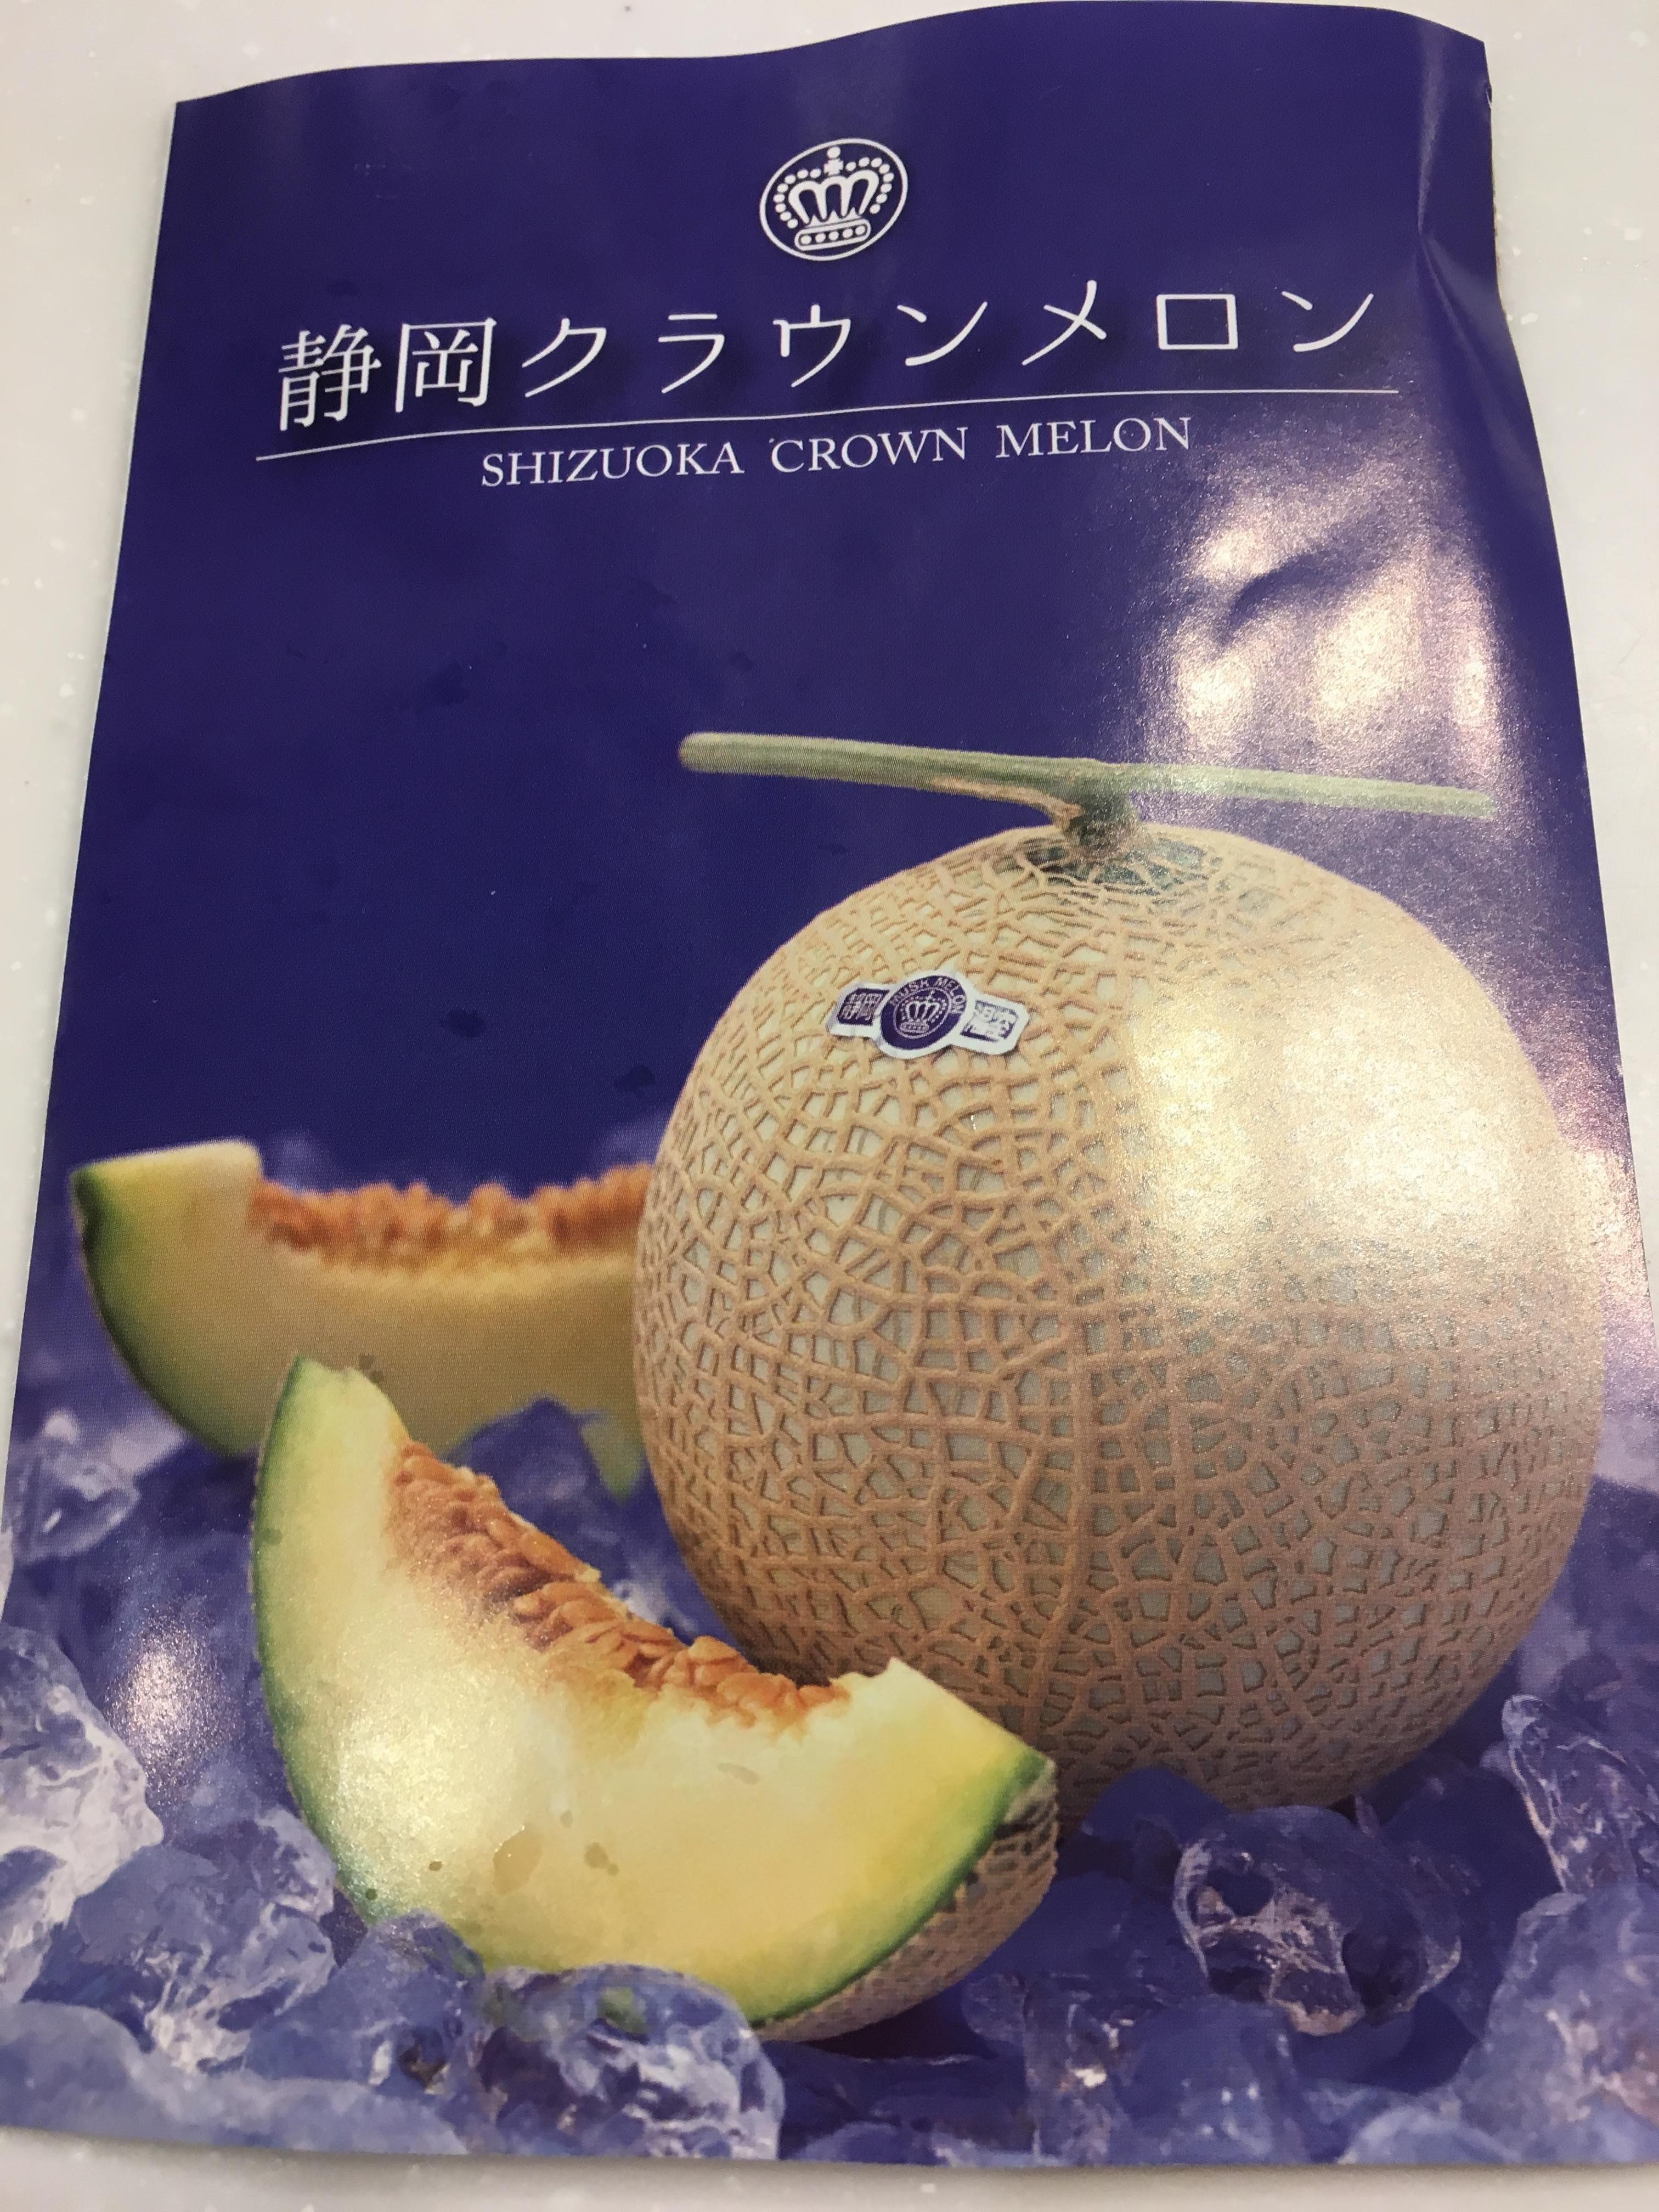 [ふるさと納税]静岡県掛川市のクラウンメロン白級のレビュー